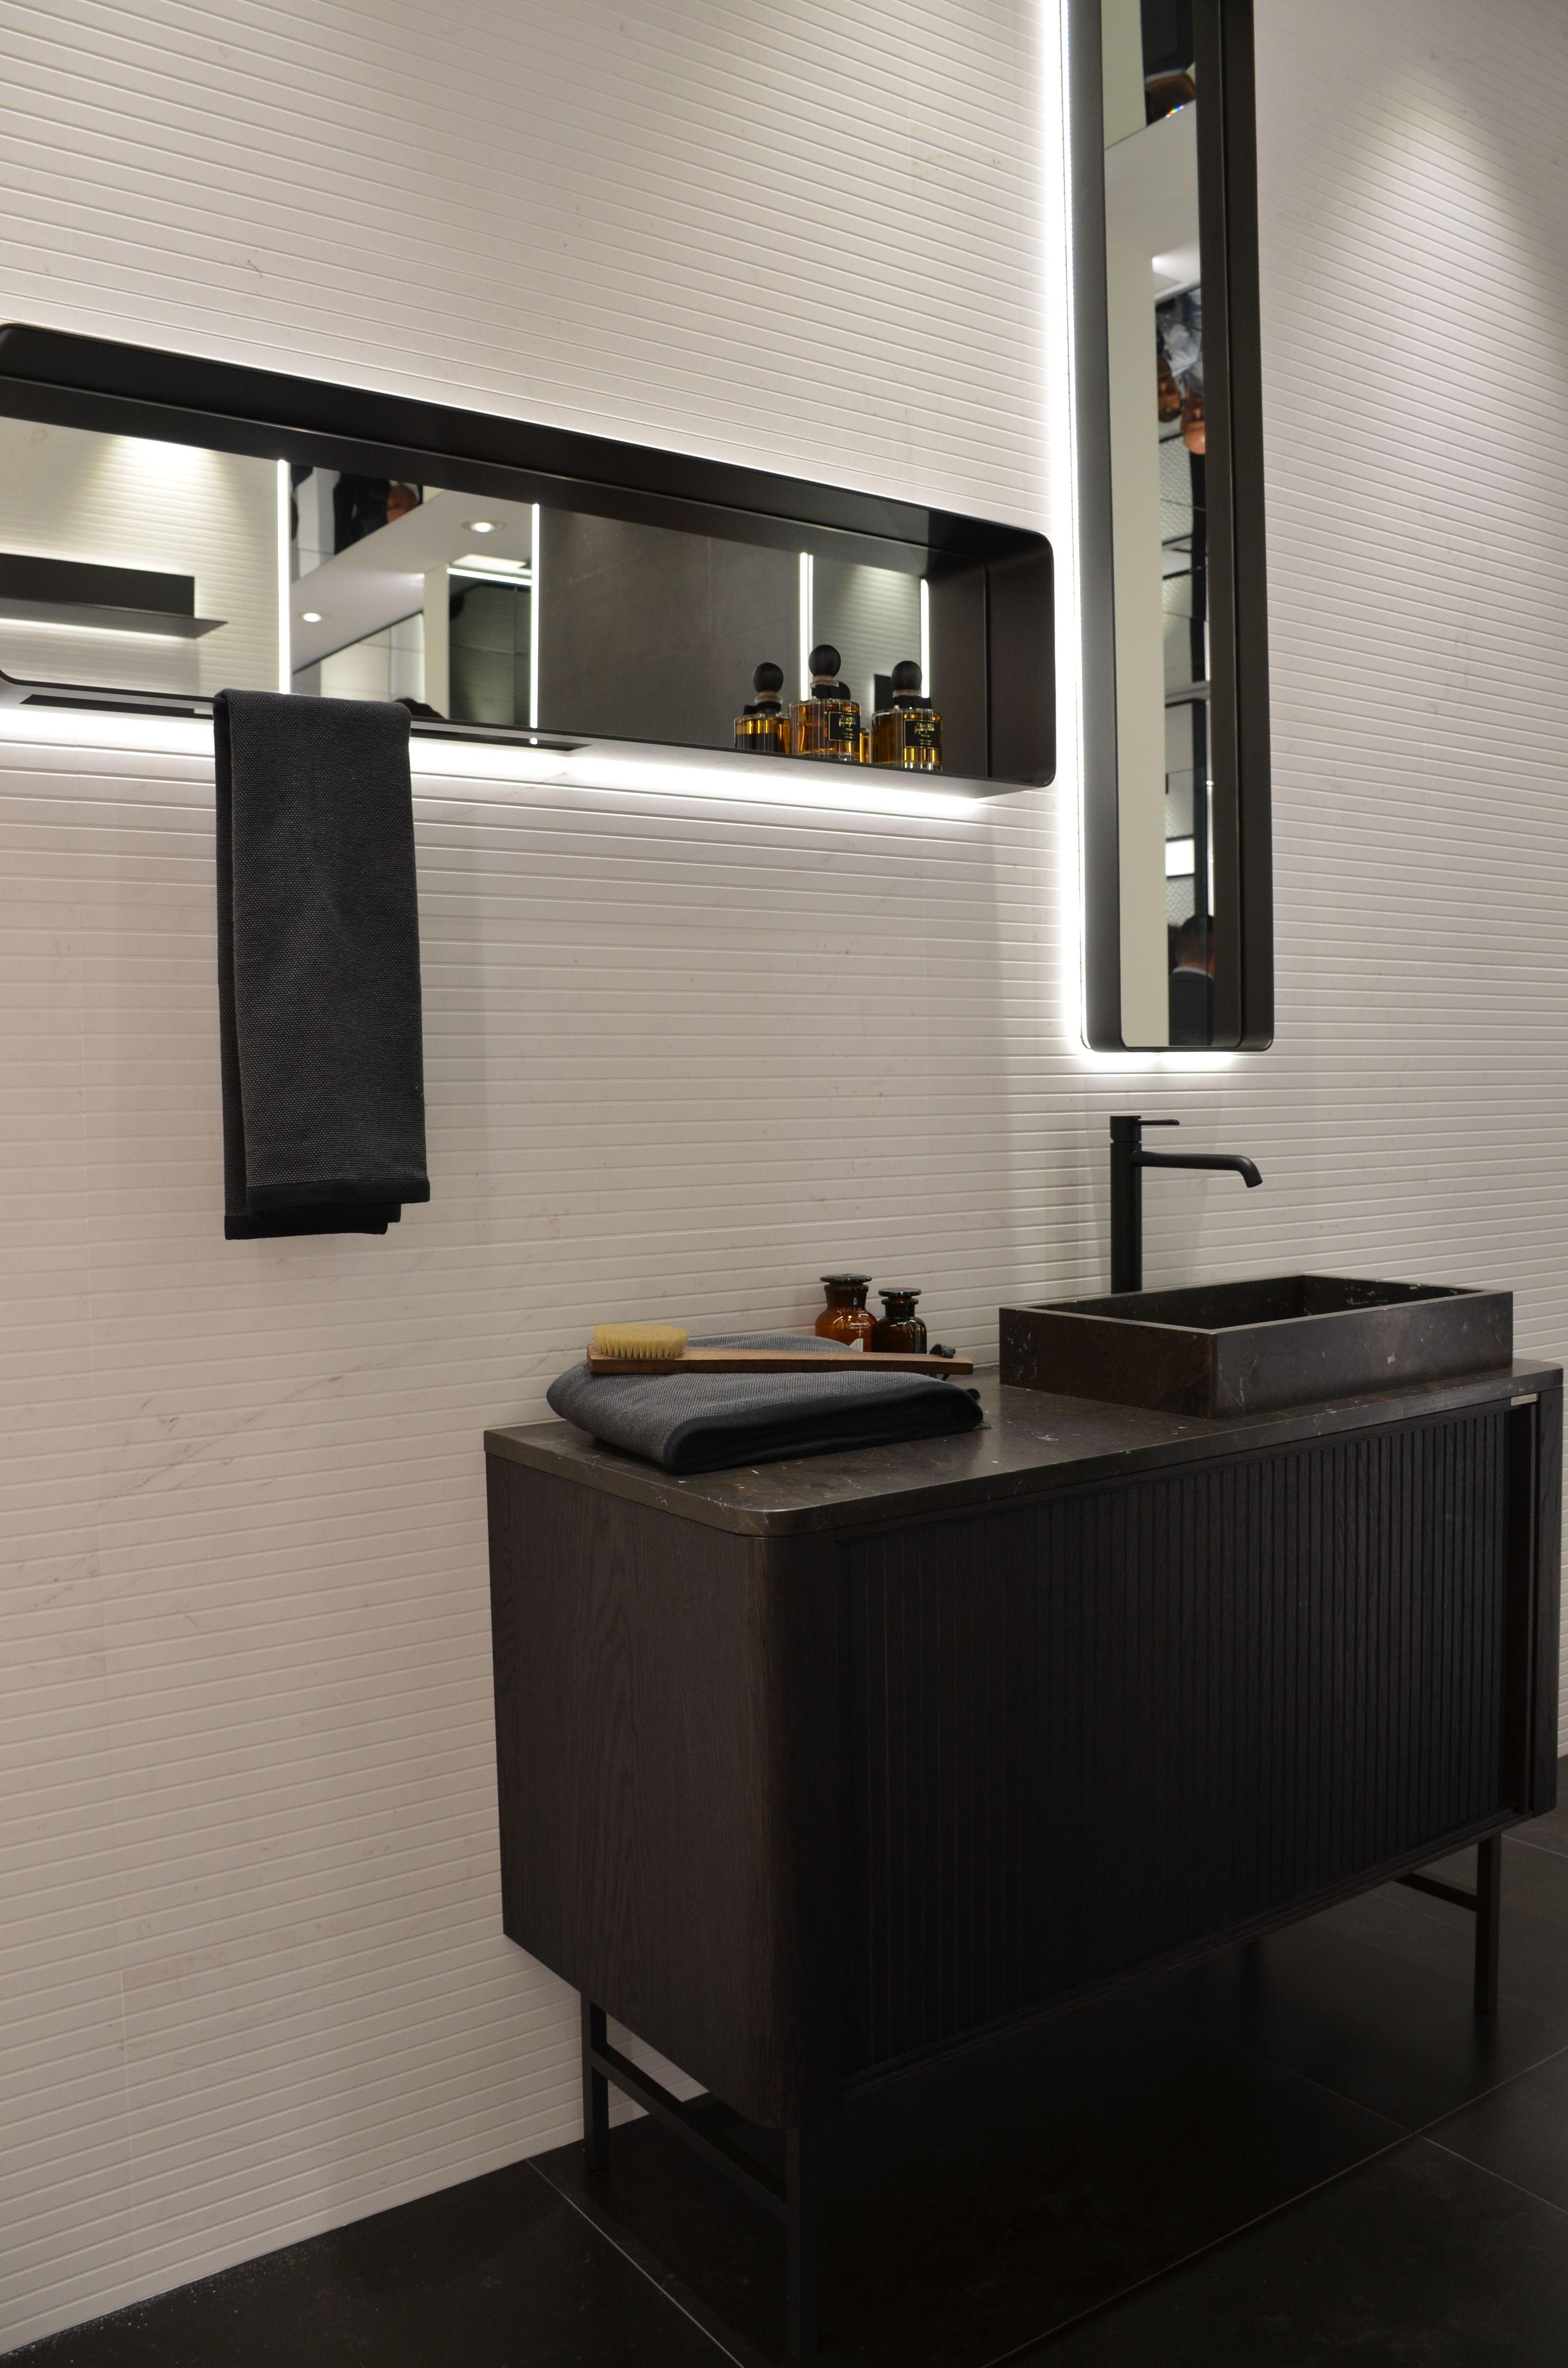 Klassisch Fliesen Im Modernen Style In Schwarz Weiss Fliesen Schwarz Weiss Modern Design Interior Badezimmer Baddesi Badezimmer Badezimmer Schwarz Modern